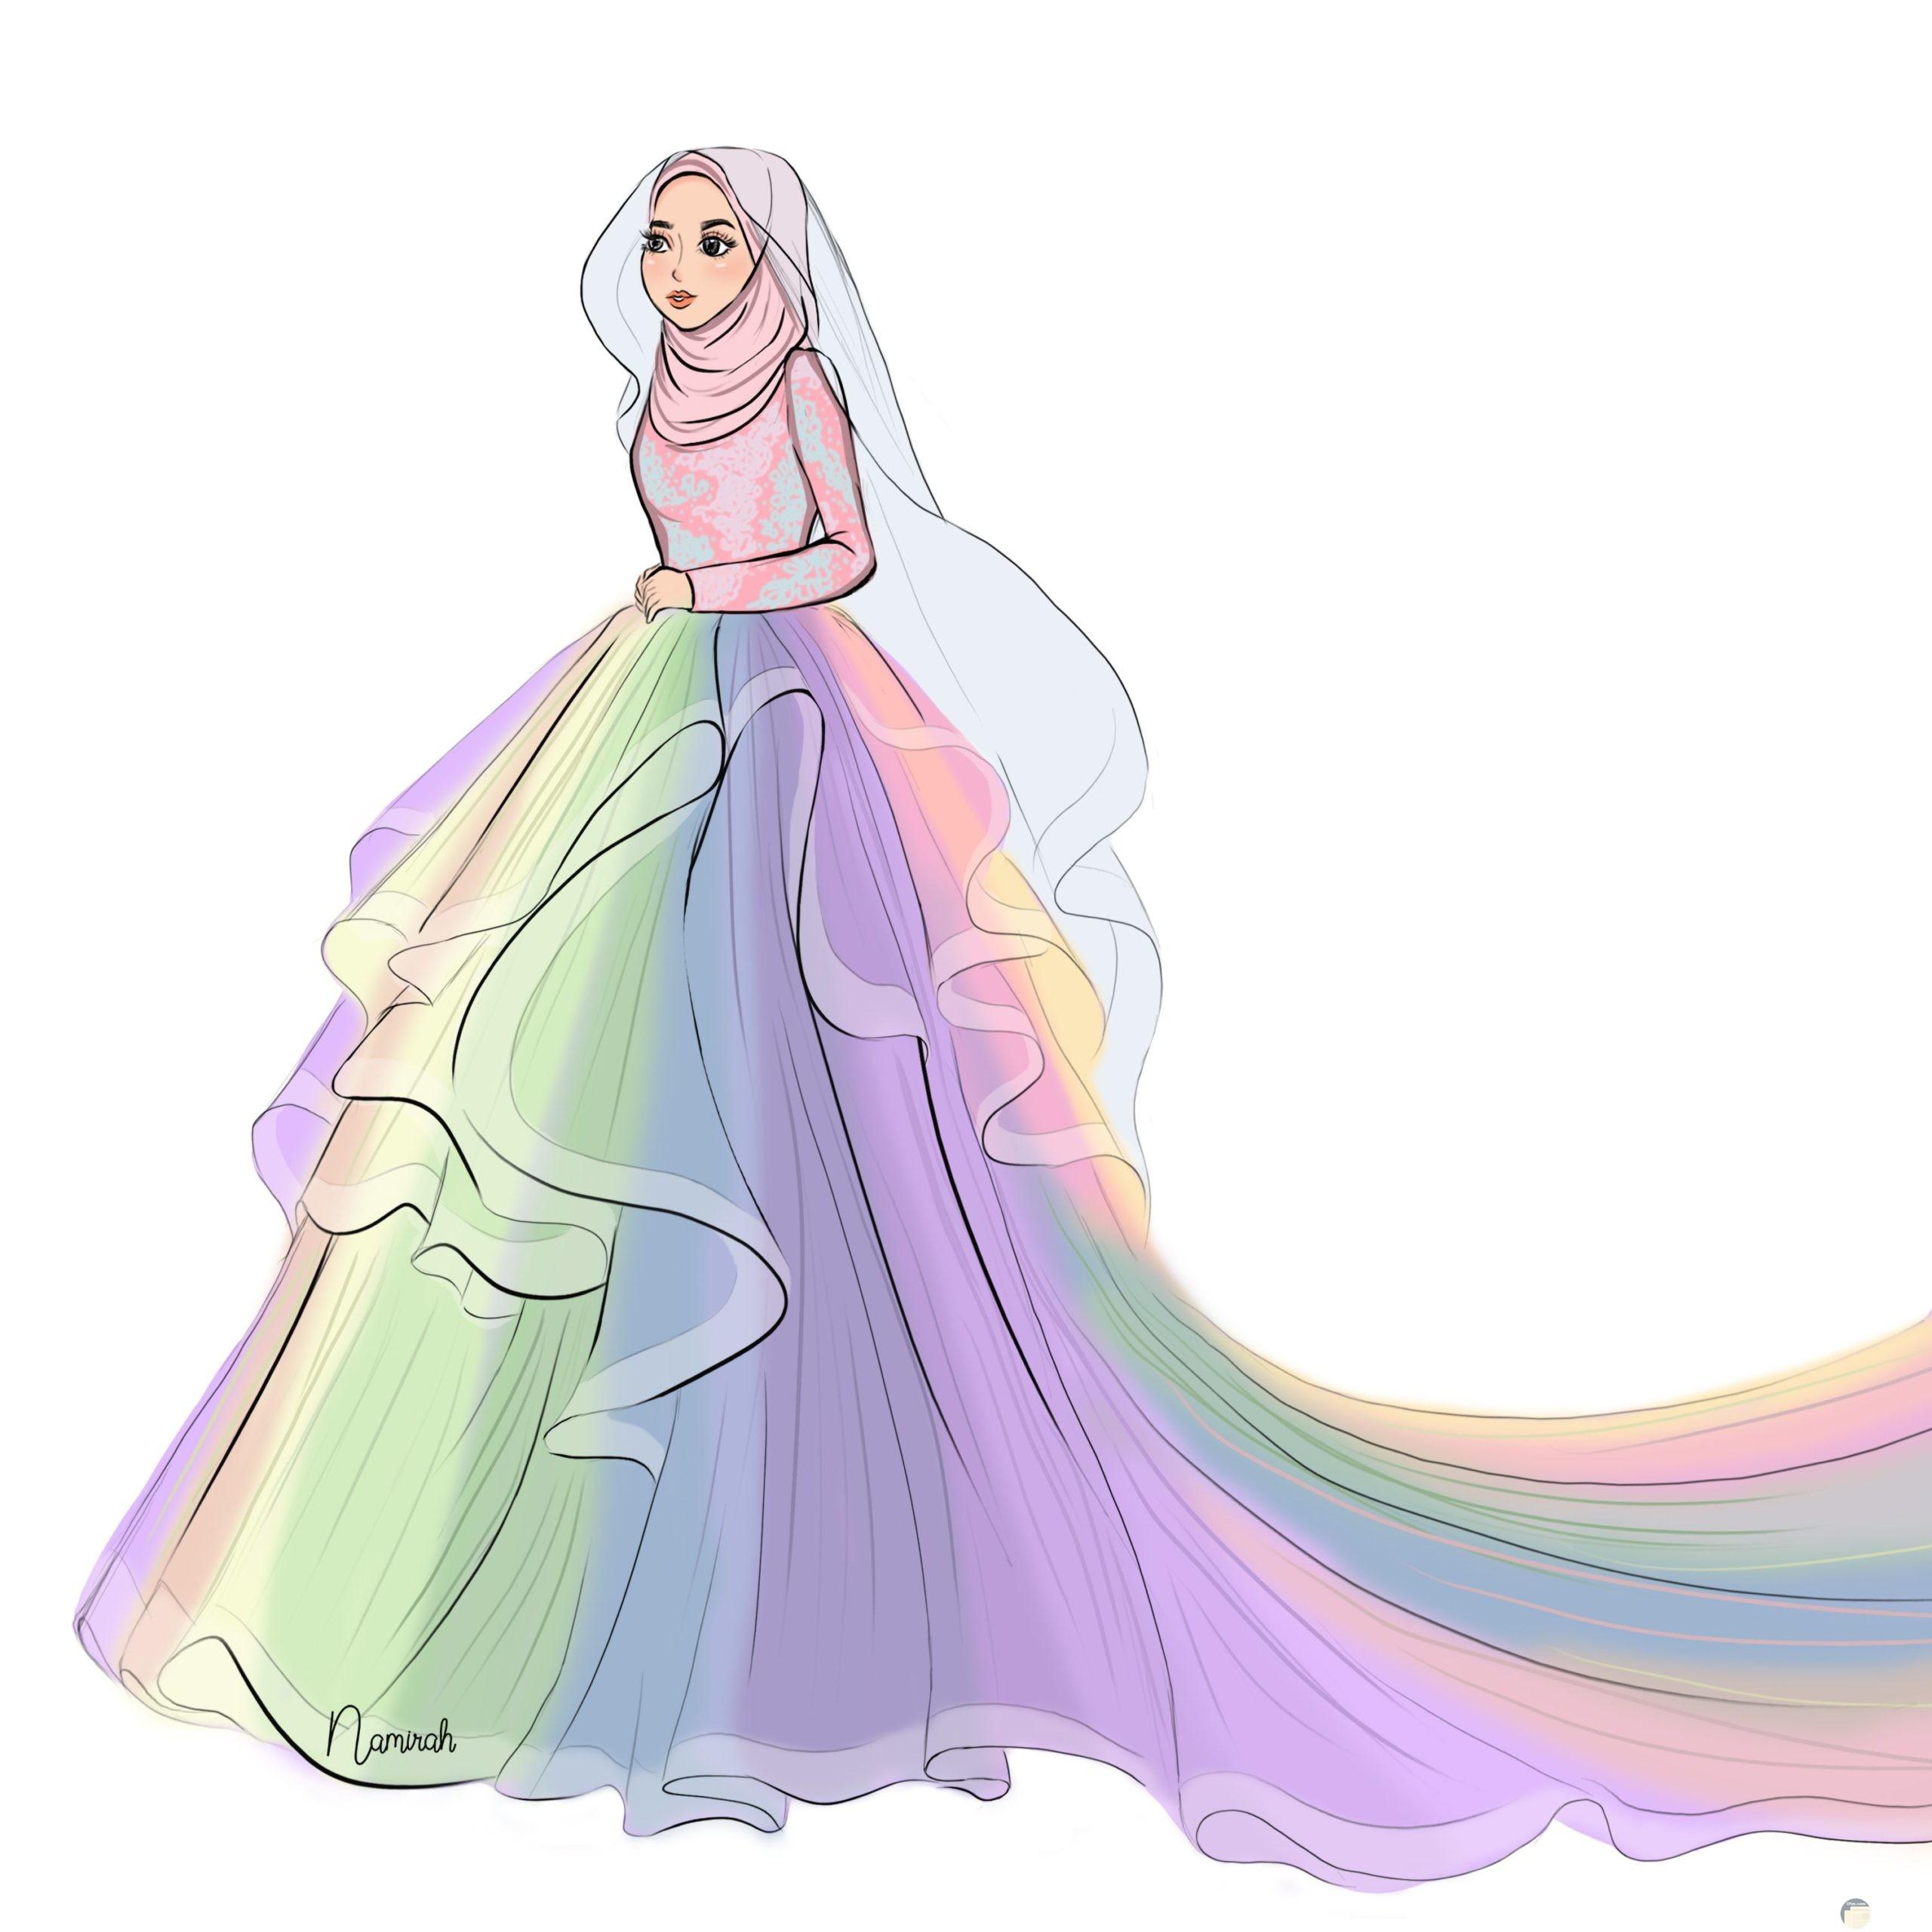 فستان زفاف للمحجبات بألوان الطيف أو قوس قزح _ جديد و عصري.